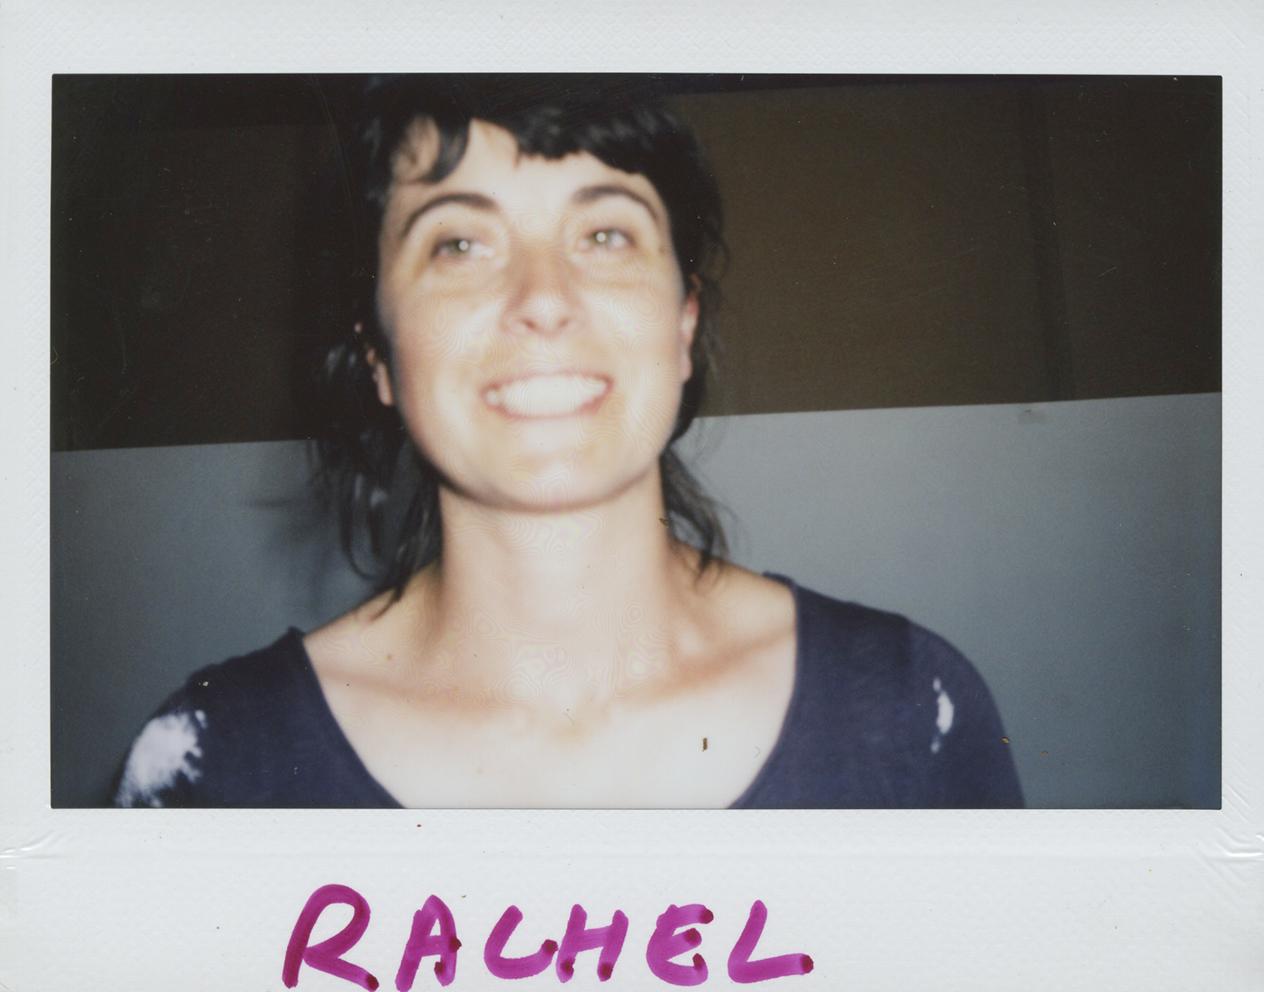 RACHEL_PWE-RS.jpg